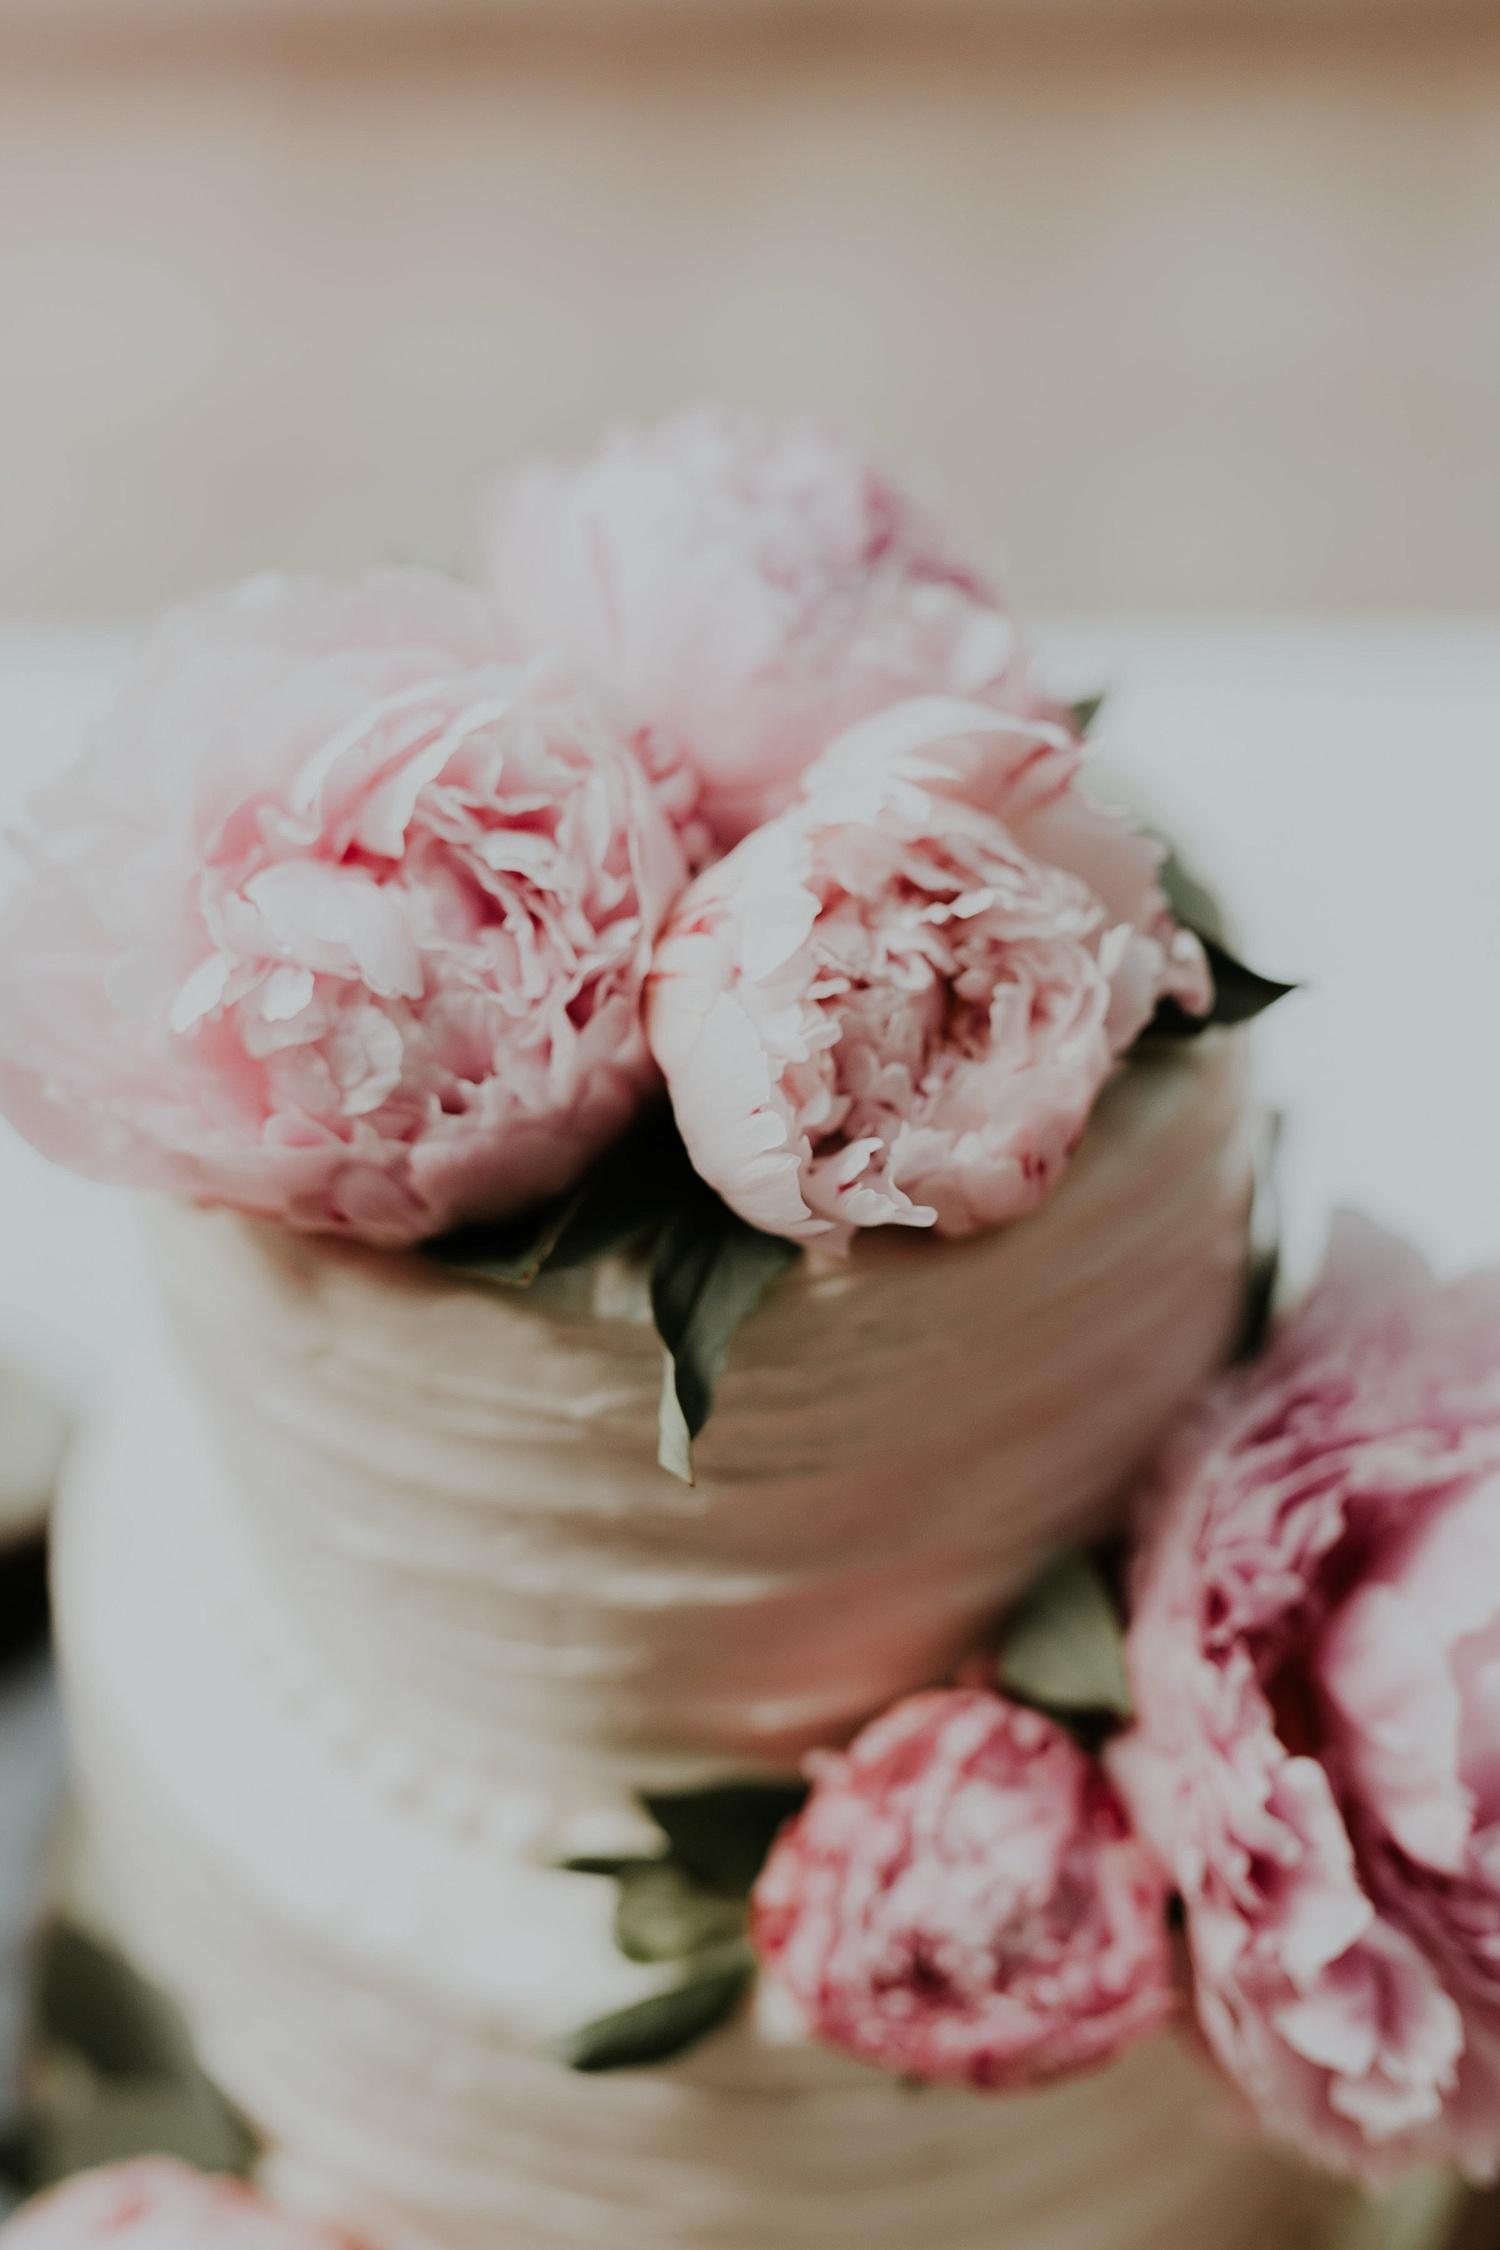 Alicia+lucia+photography+-+albuquerque+wedding+photographer+-+albuquerque+wedding+photography+-+new+mexico+wedding+photographer+-+new+mexico+wedding+cake_0016.jpg